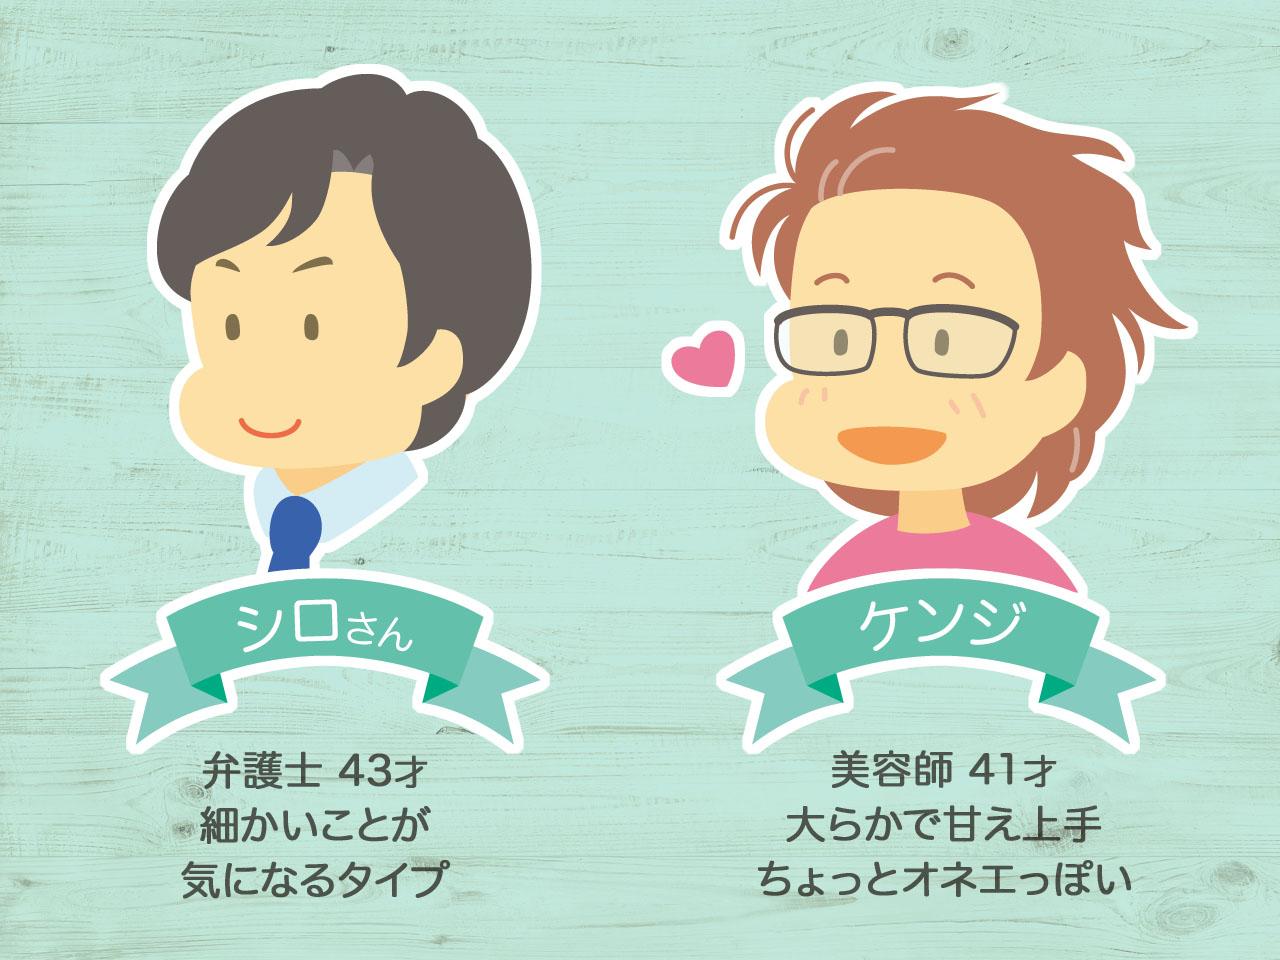 きのう何食べた?の登場人物シロさんとケンジ